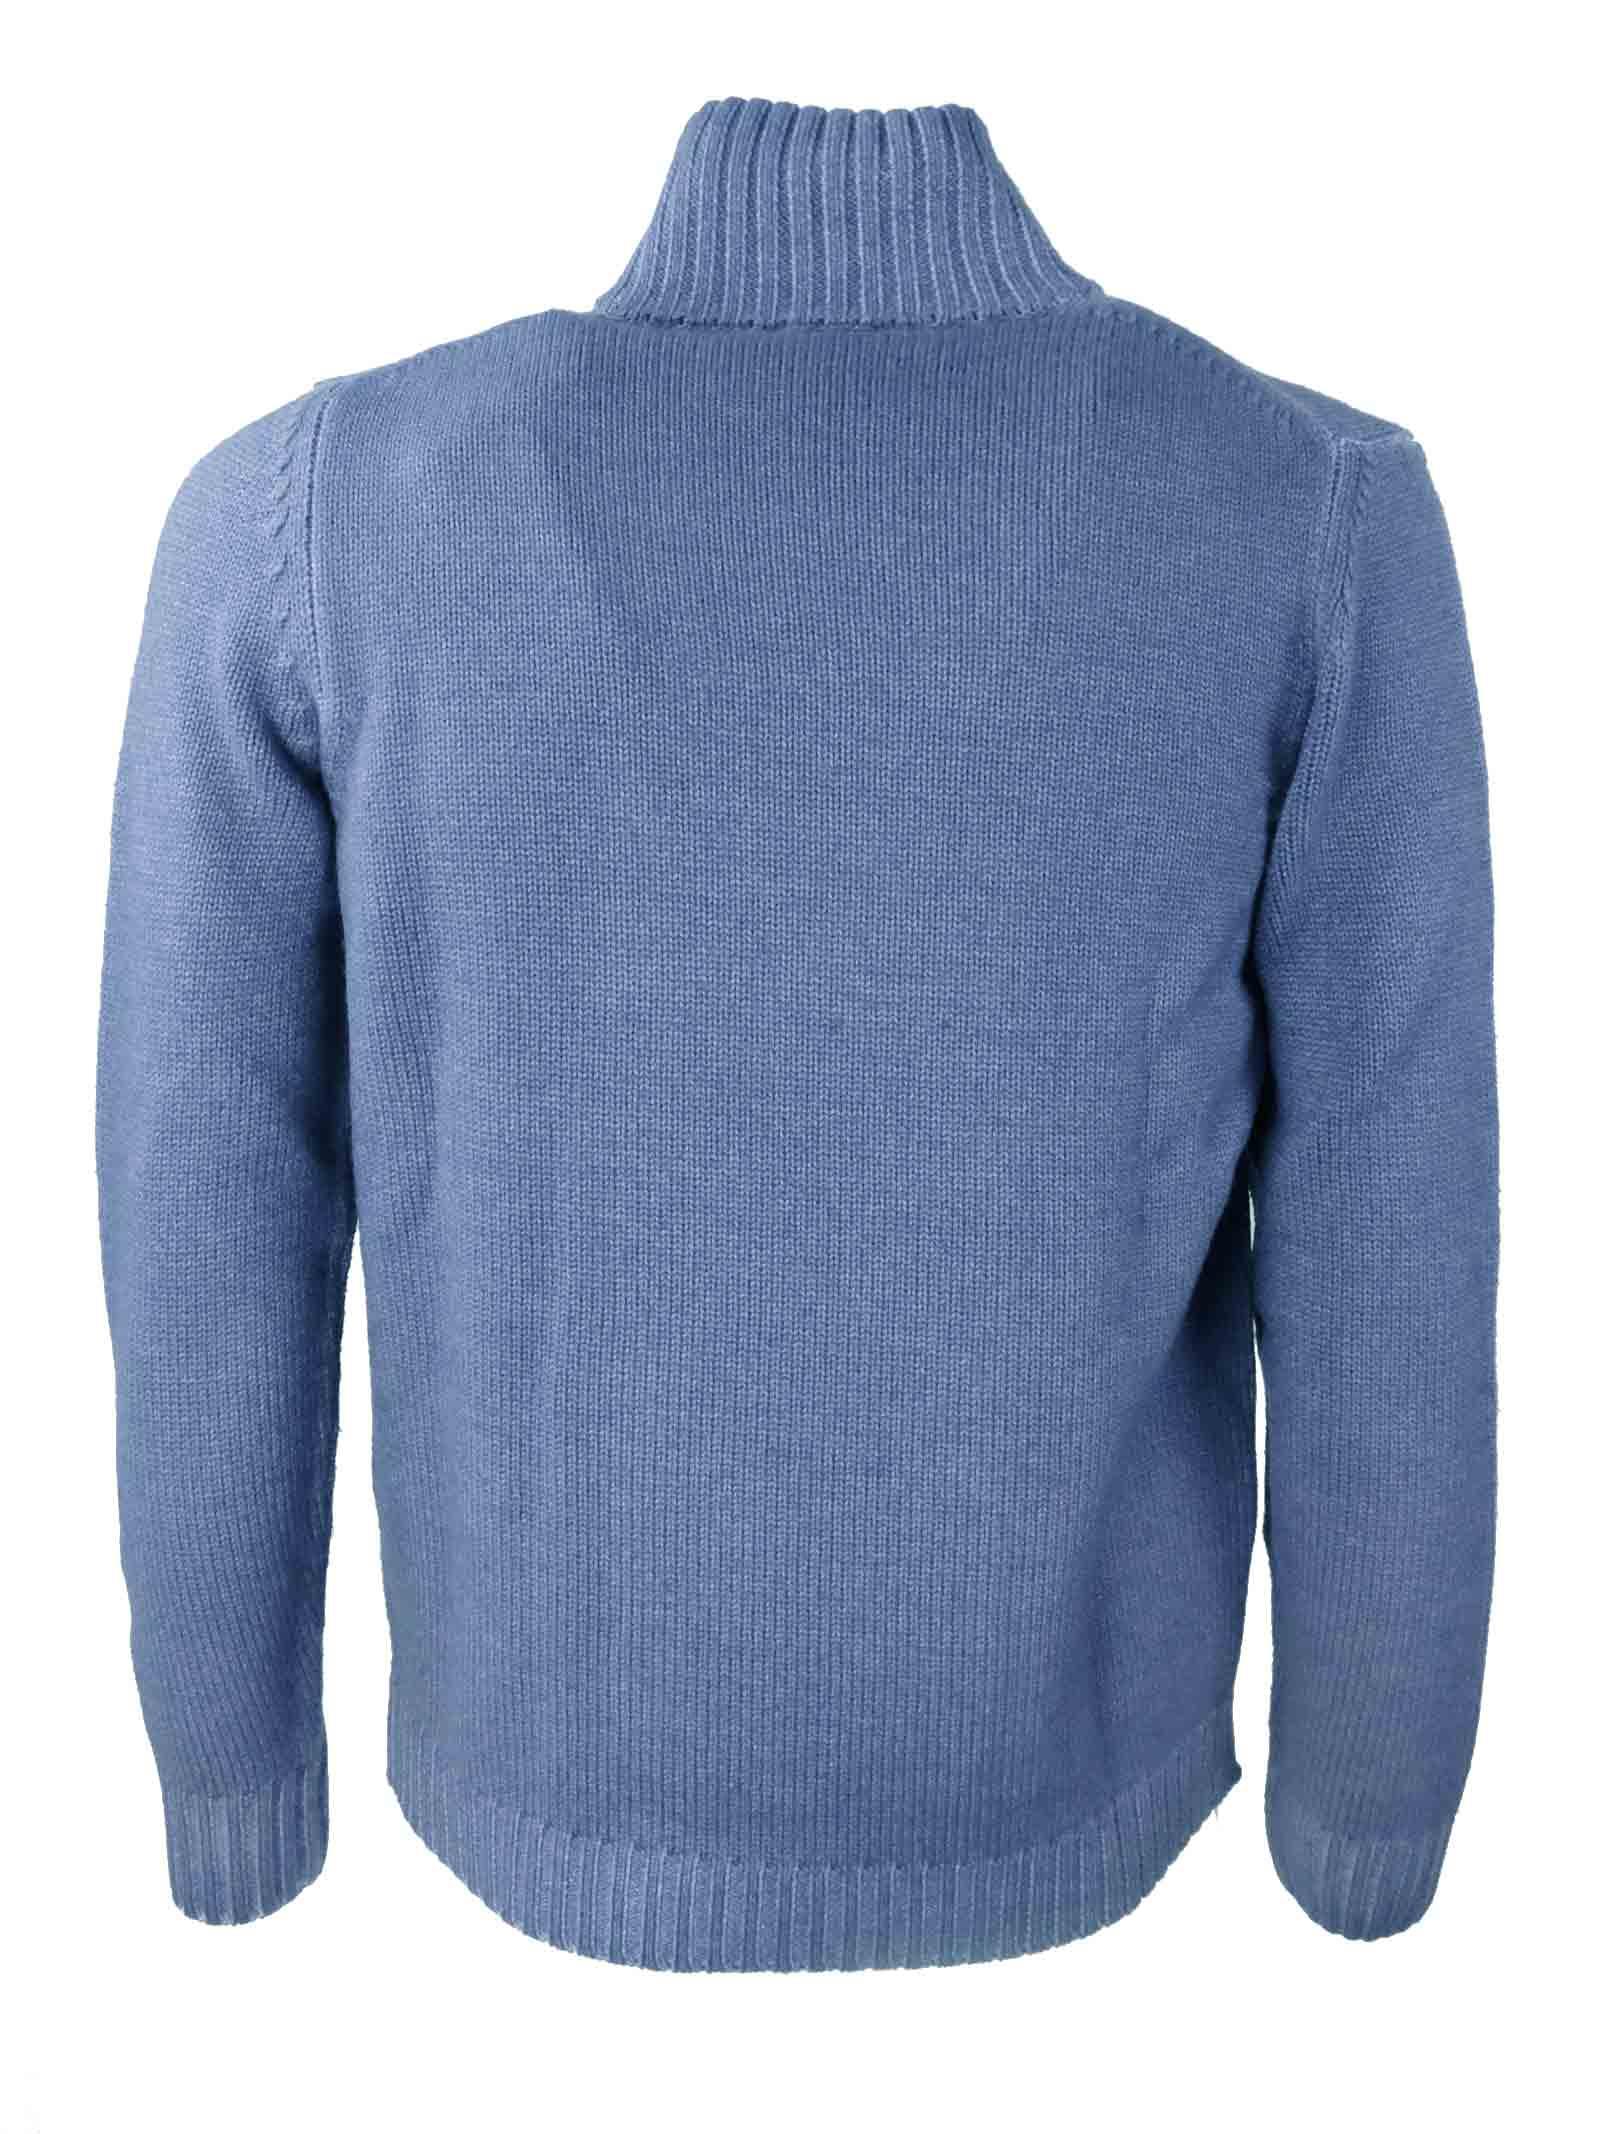 H953   Knitwear   335189